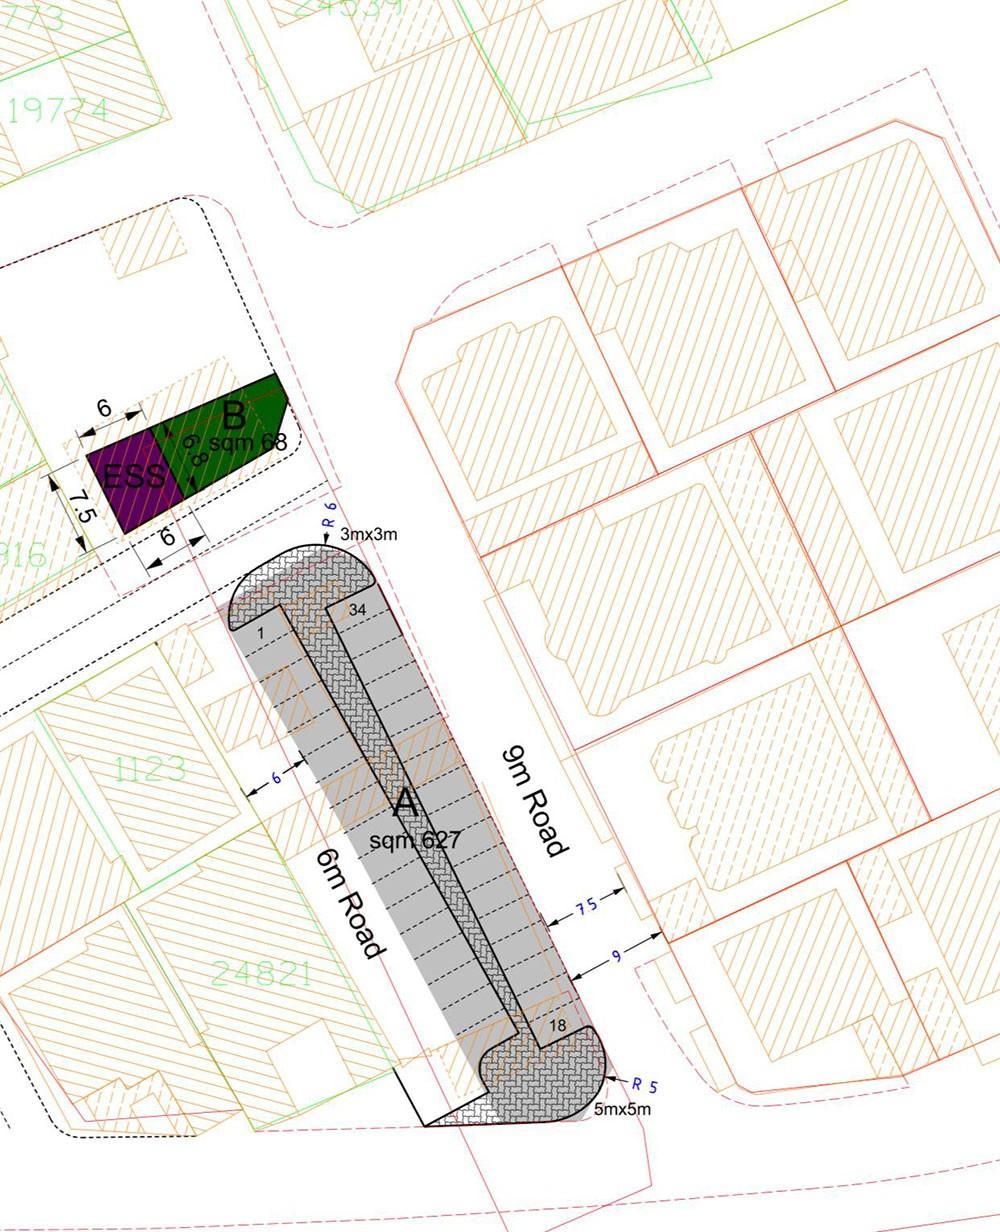 العود: تحويل أرض من استثمارية إلى مواقف عامة بمجمع 236 منطقة سماهيج